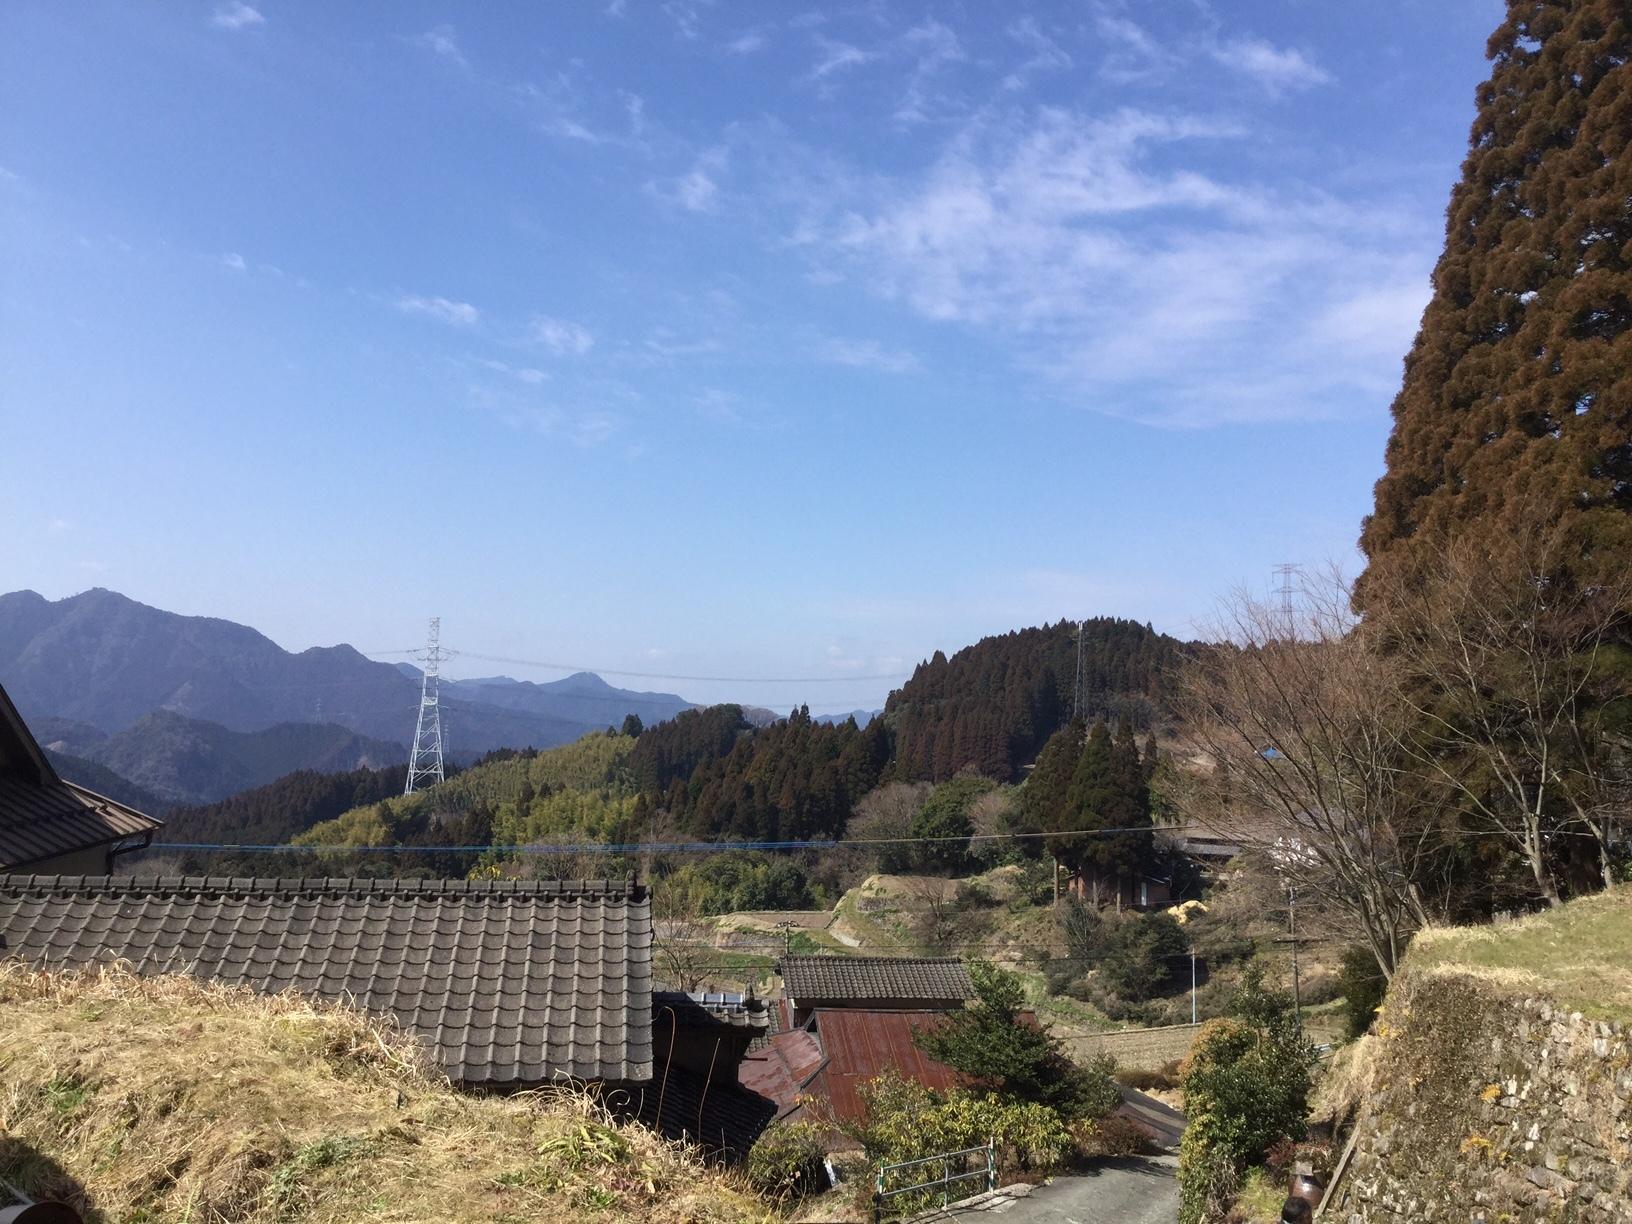 2017年3月4日 八女市矢部村のハウス近くの風景